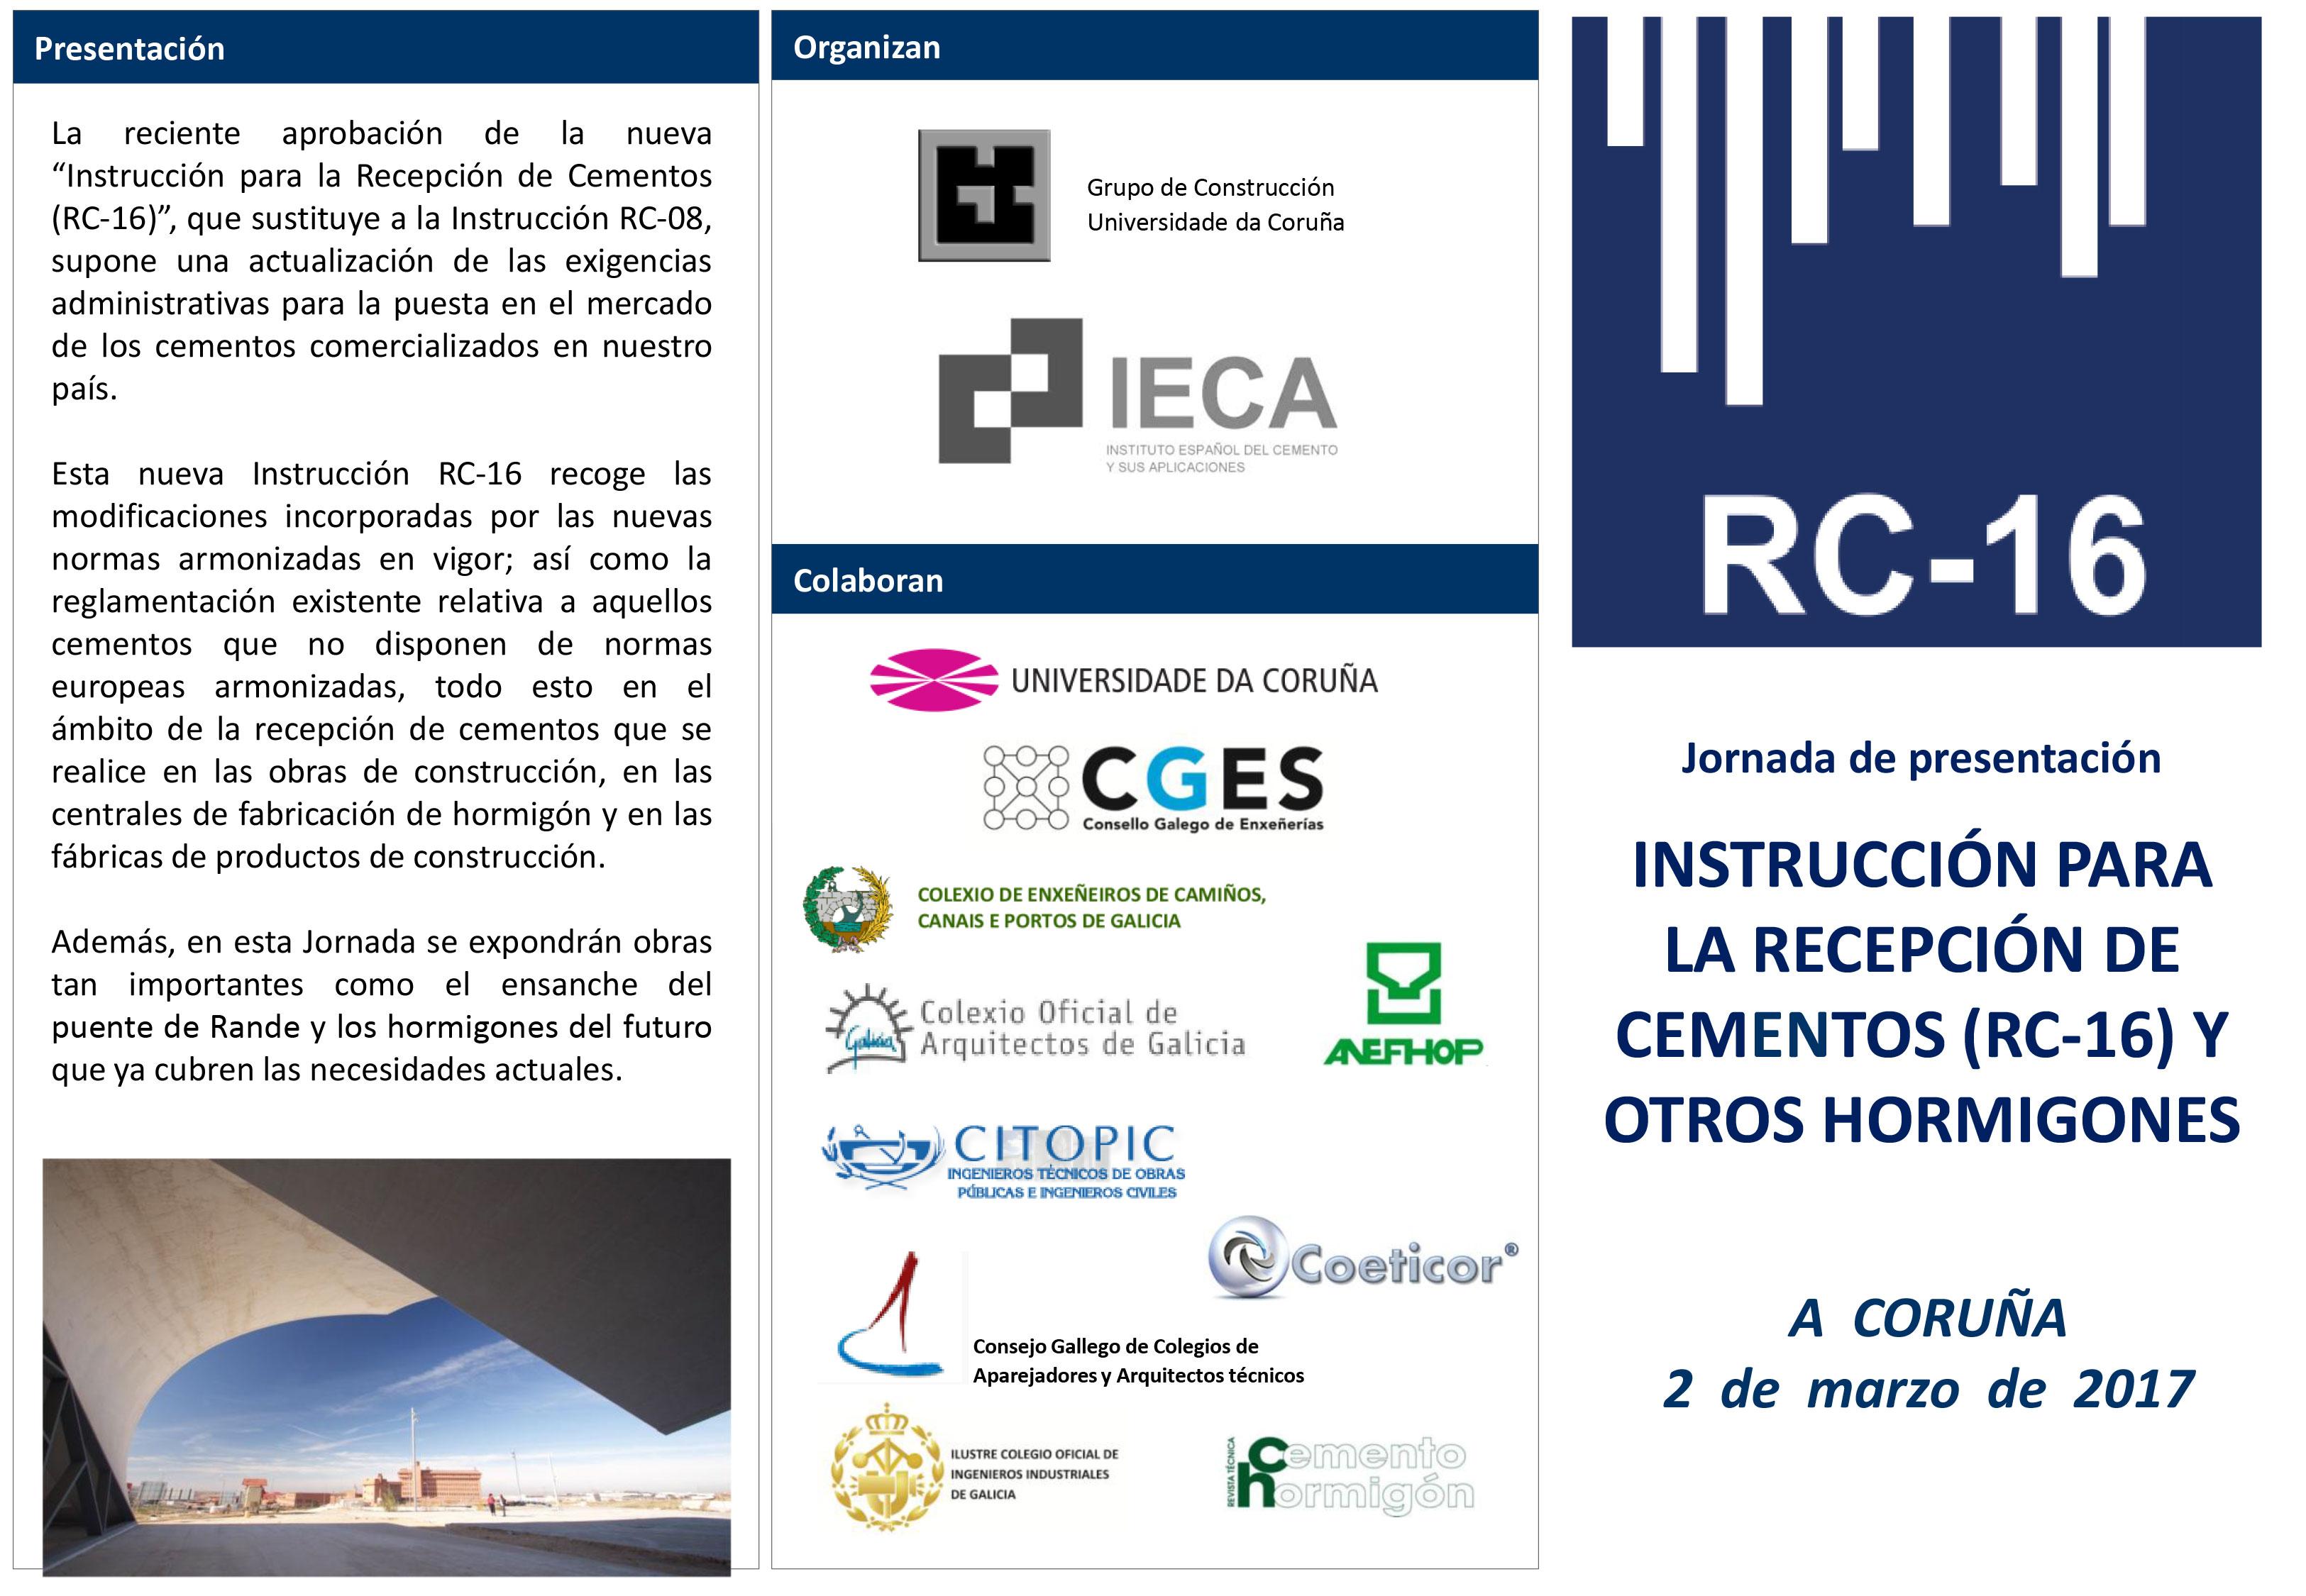 INSTRUCCIÓN PARA LA RECEPCIÓN DE CEMENTOS (R-16) Y OTROS HORMIGONES